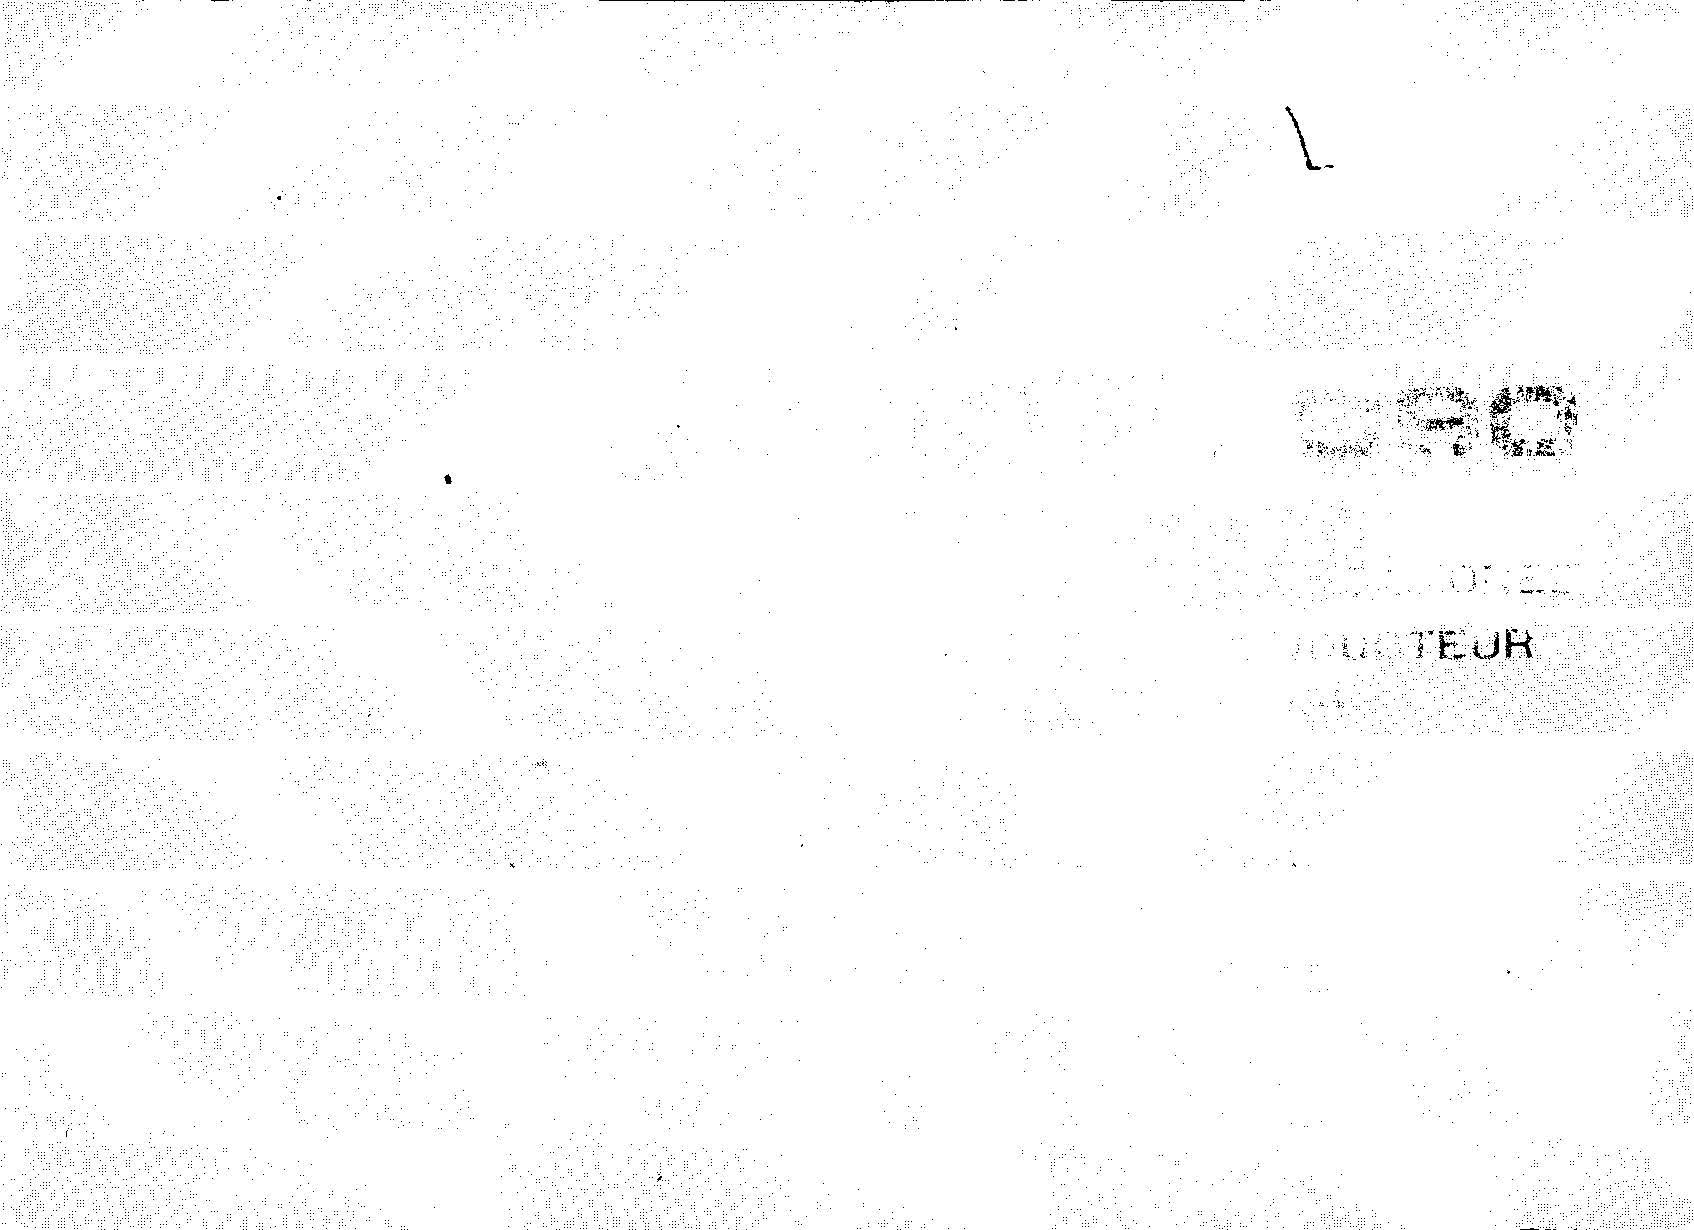 Owner's manual for Honda C90 (General/UK)